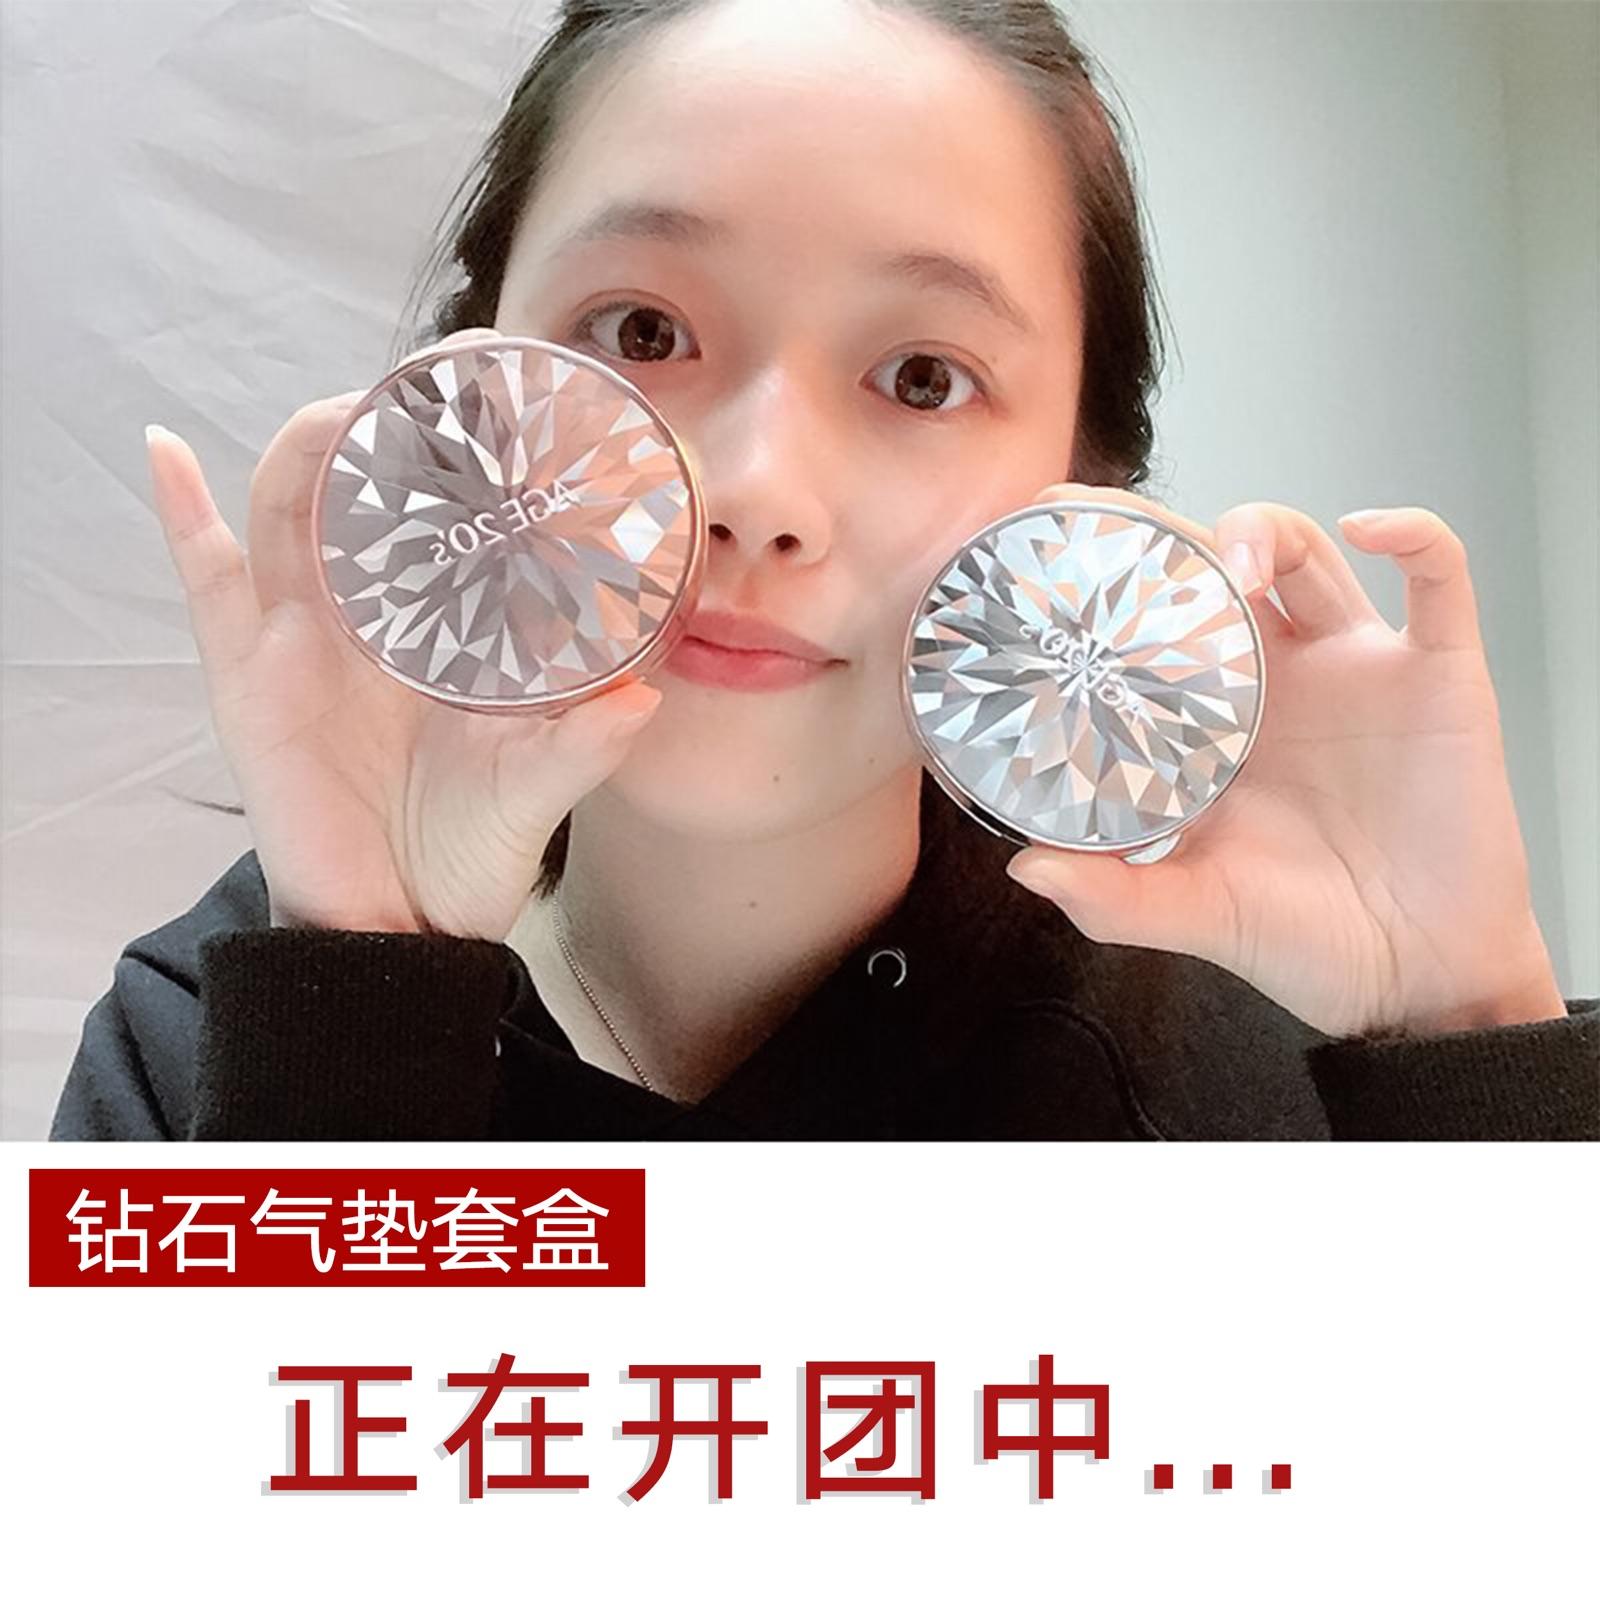 爱敬气垫BB霜 2018新款韩国进口age20's保湿遮瑕粉底膏水粉cc霜图片